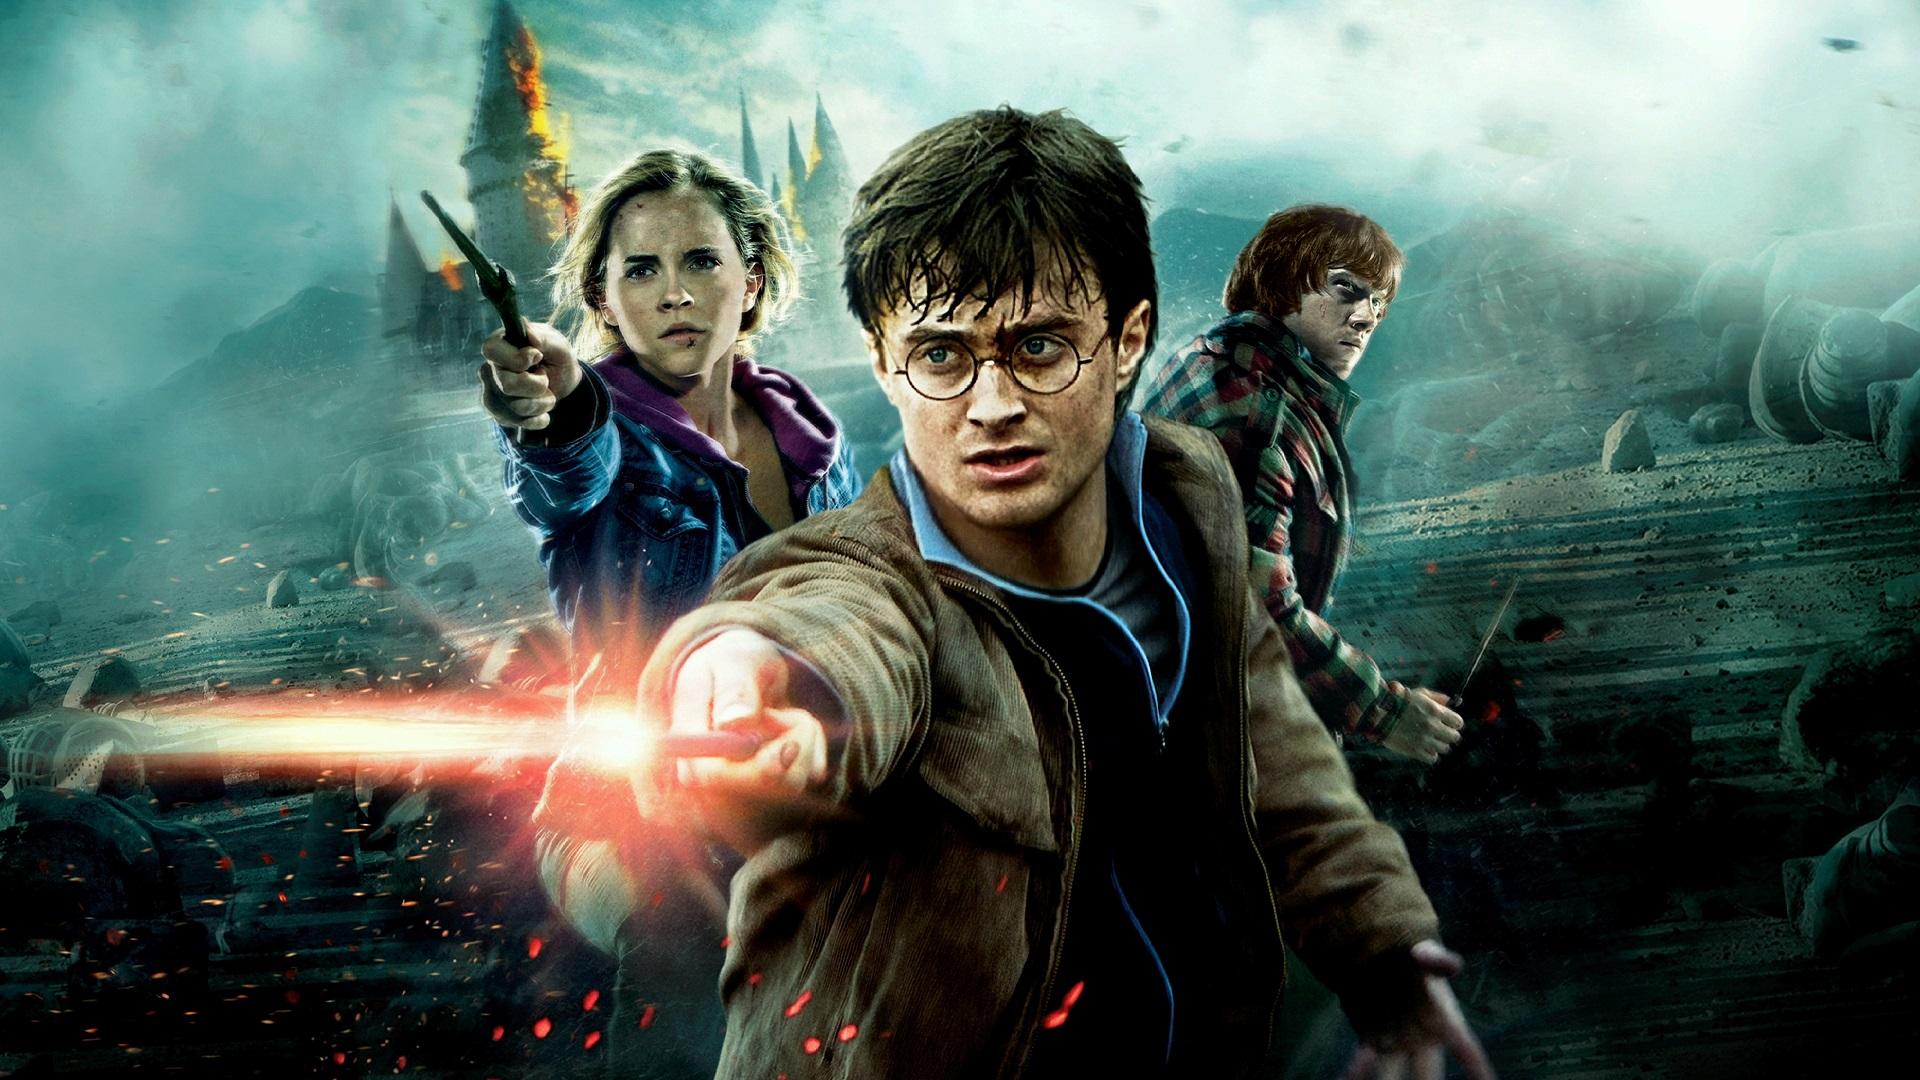 Warner leiloar itens Harry Potter